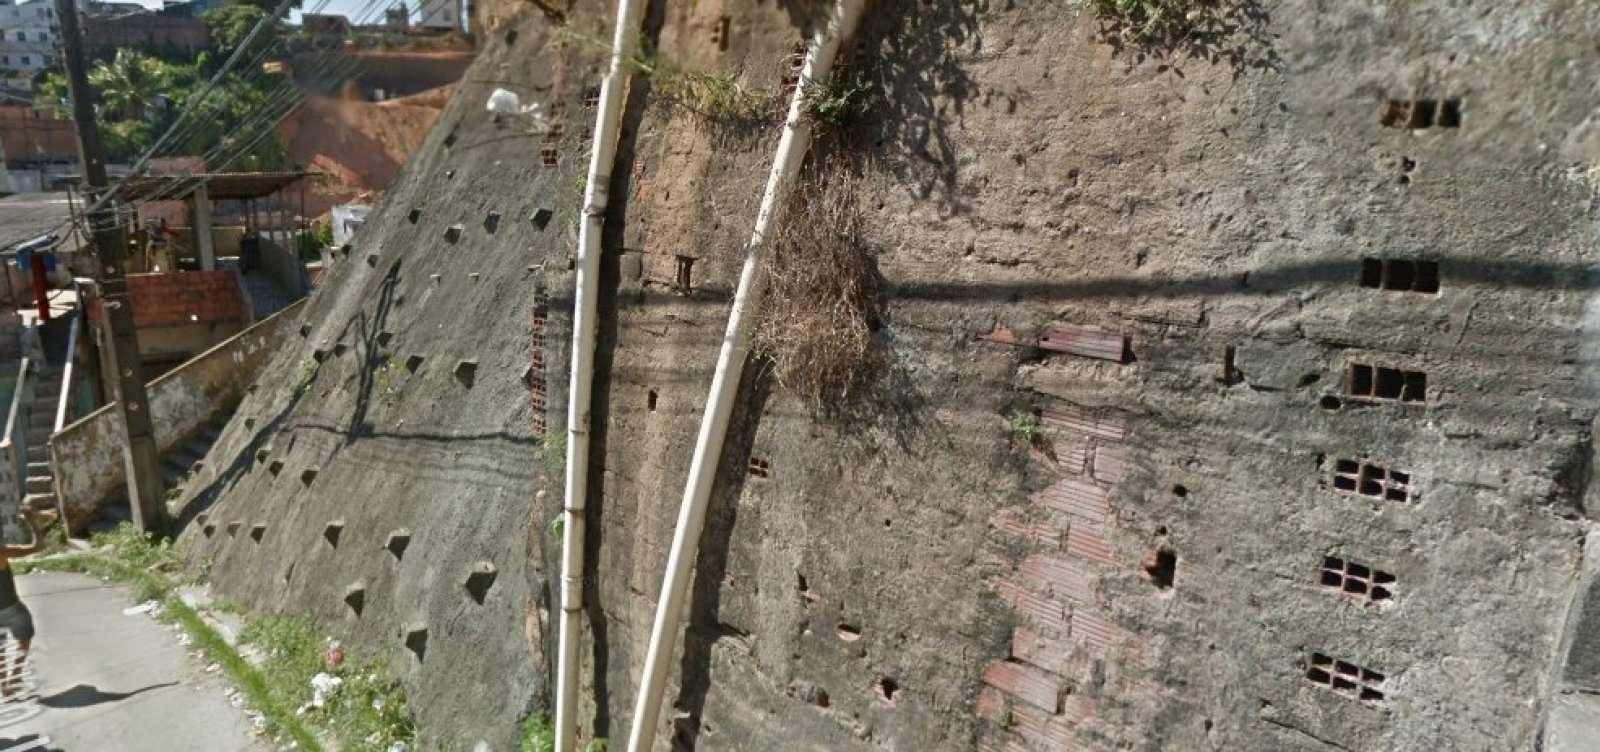 Prefeitura entrega obra de contenção em encosta de Barro Branco